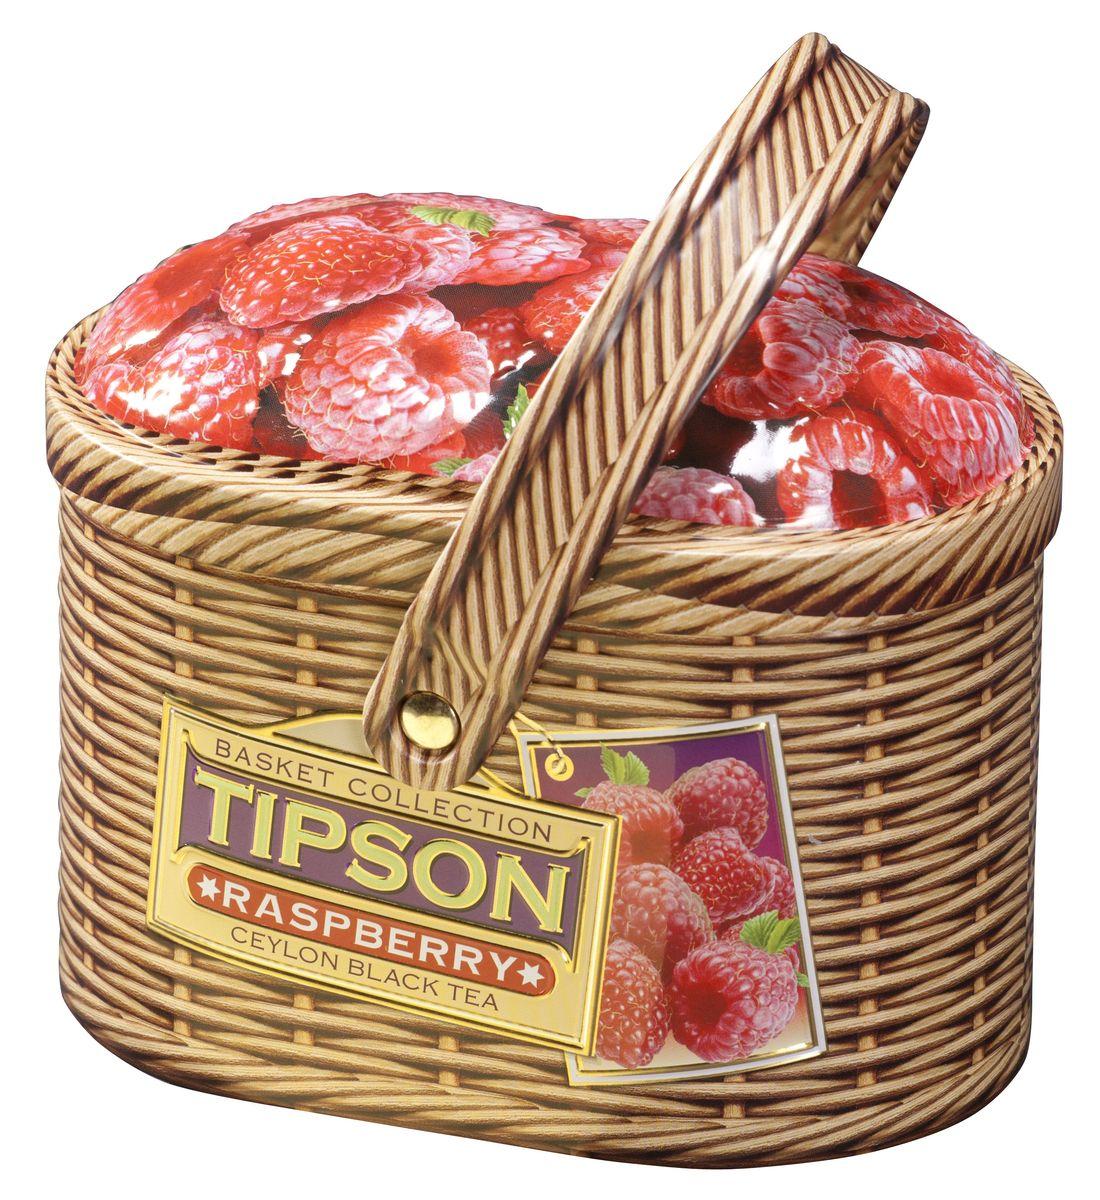 Tipson Raspberry черный листовой чай, 100 г (жестяная банка) basilur cream fantasy зеленый листовой чай 100 г жестяная банка